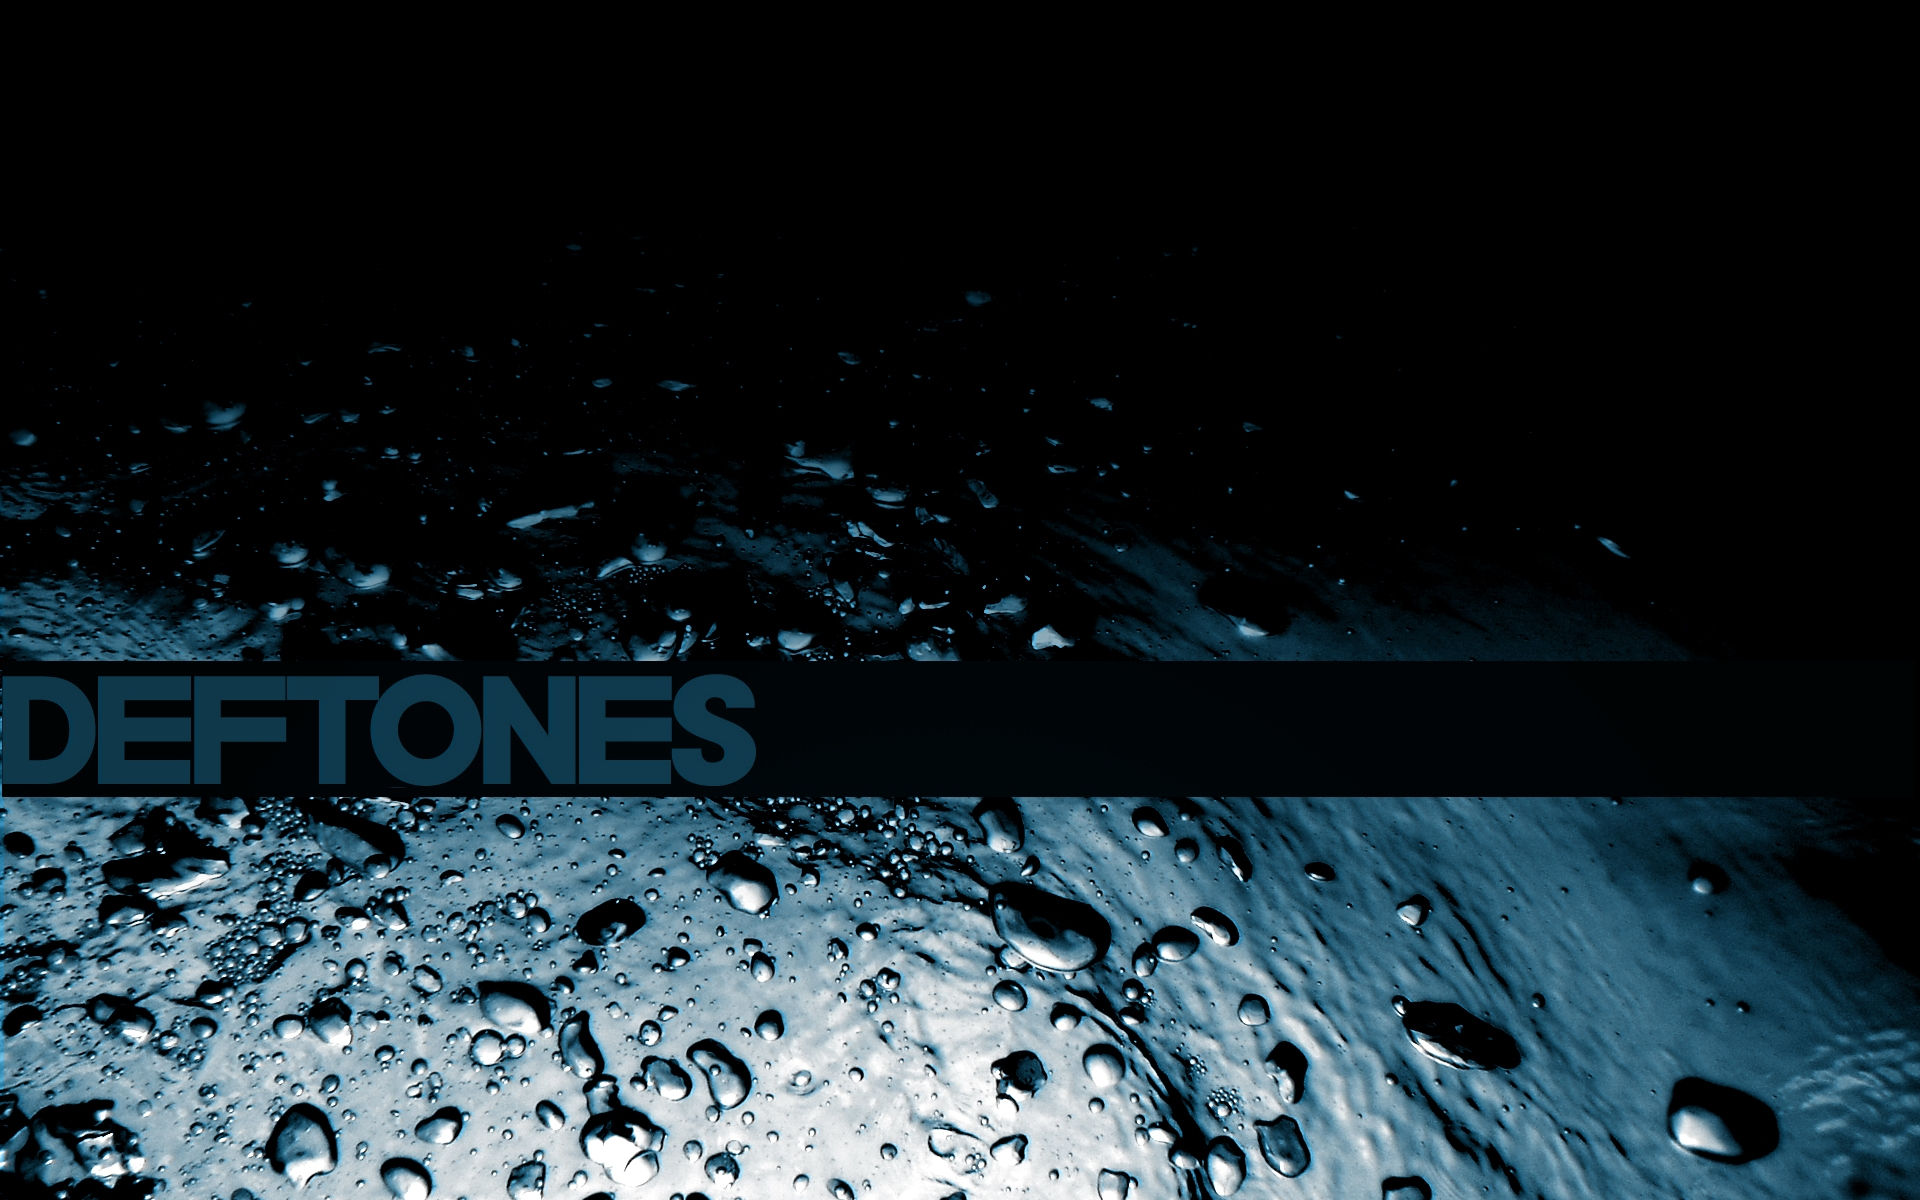 Best Music Wallpapers Deftones 1920x1200